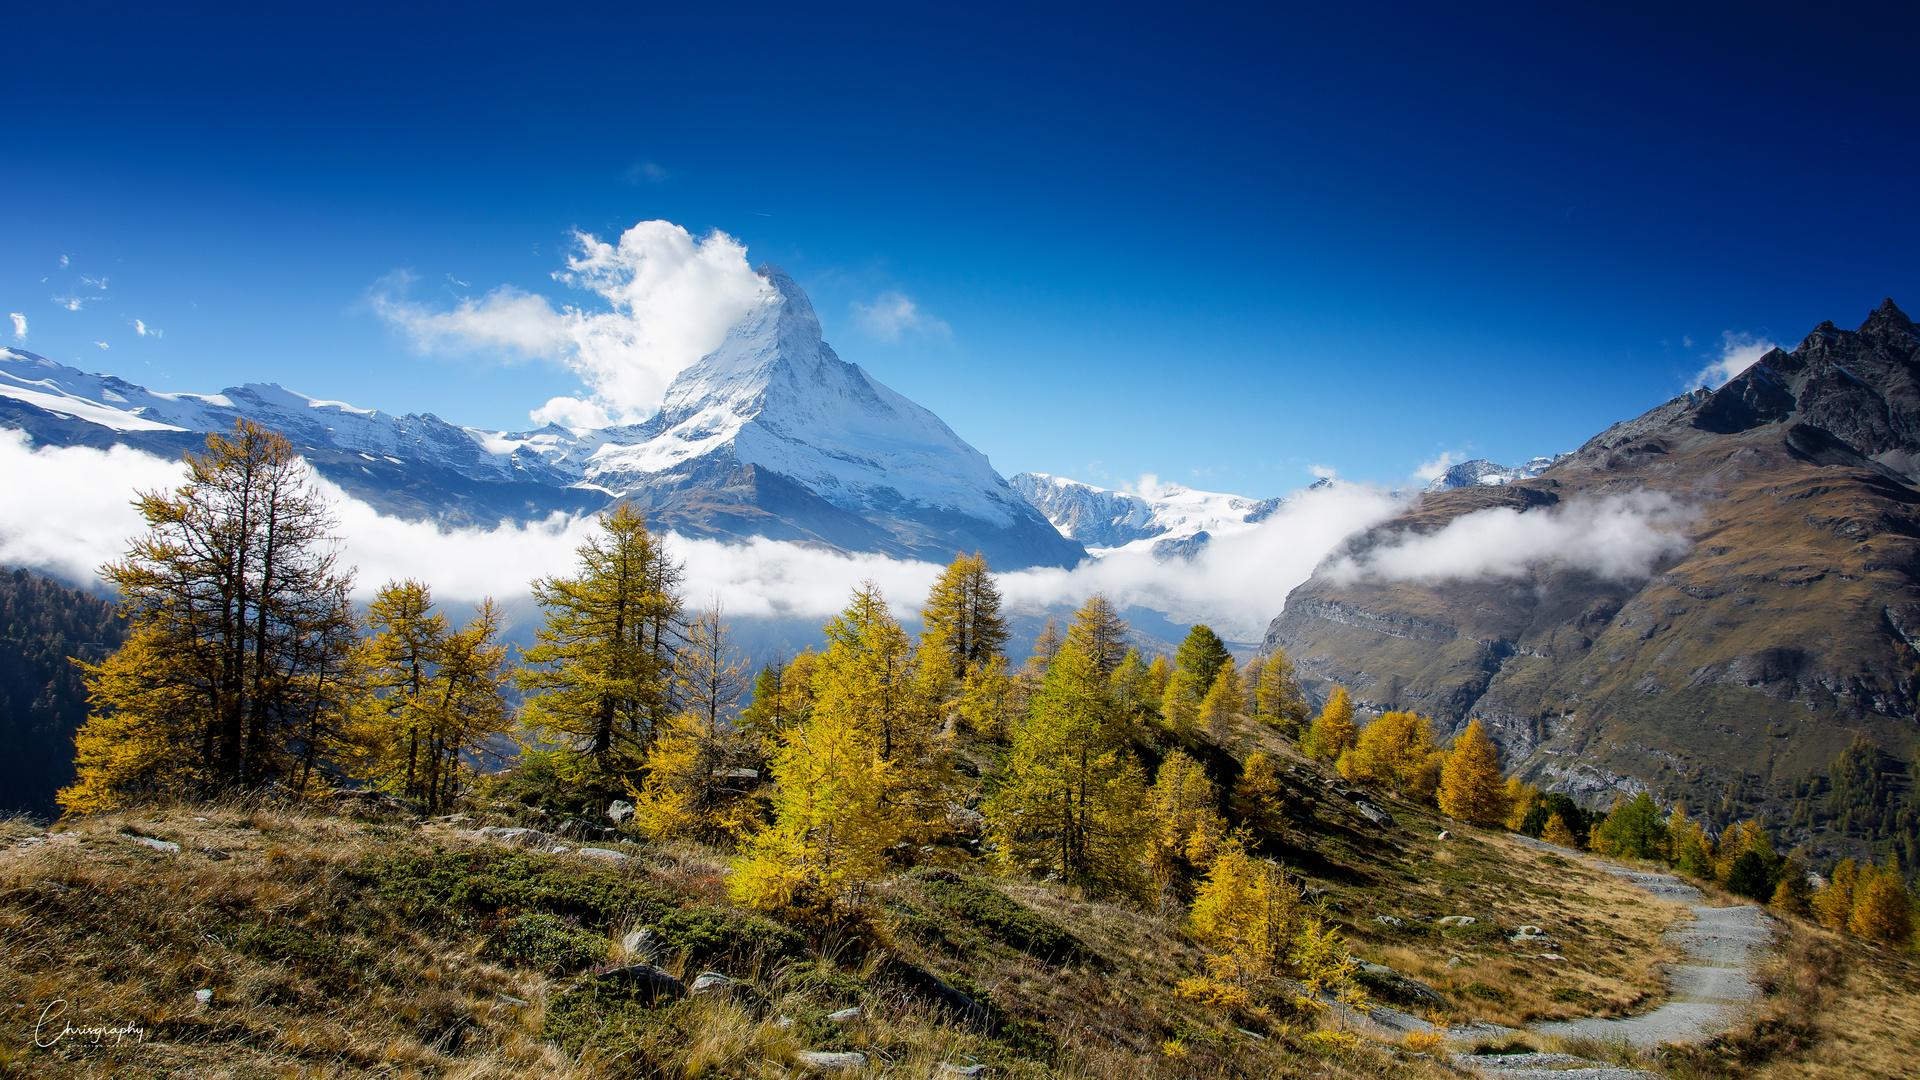 Herbsttag am Matterhorn